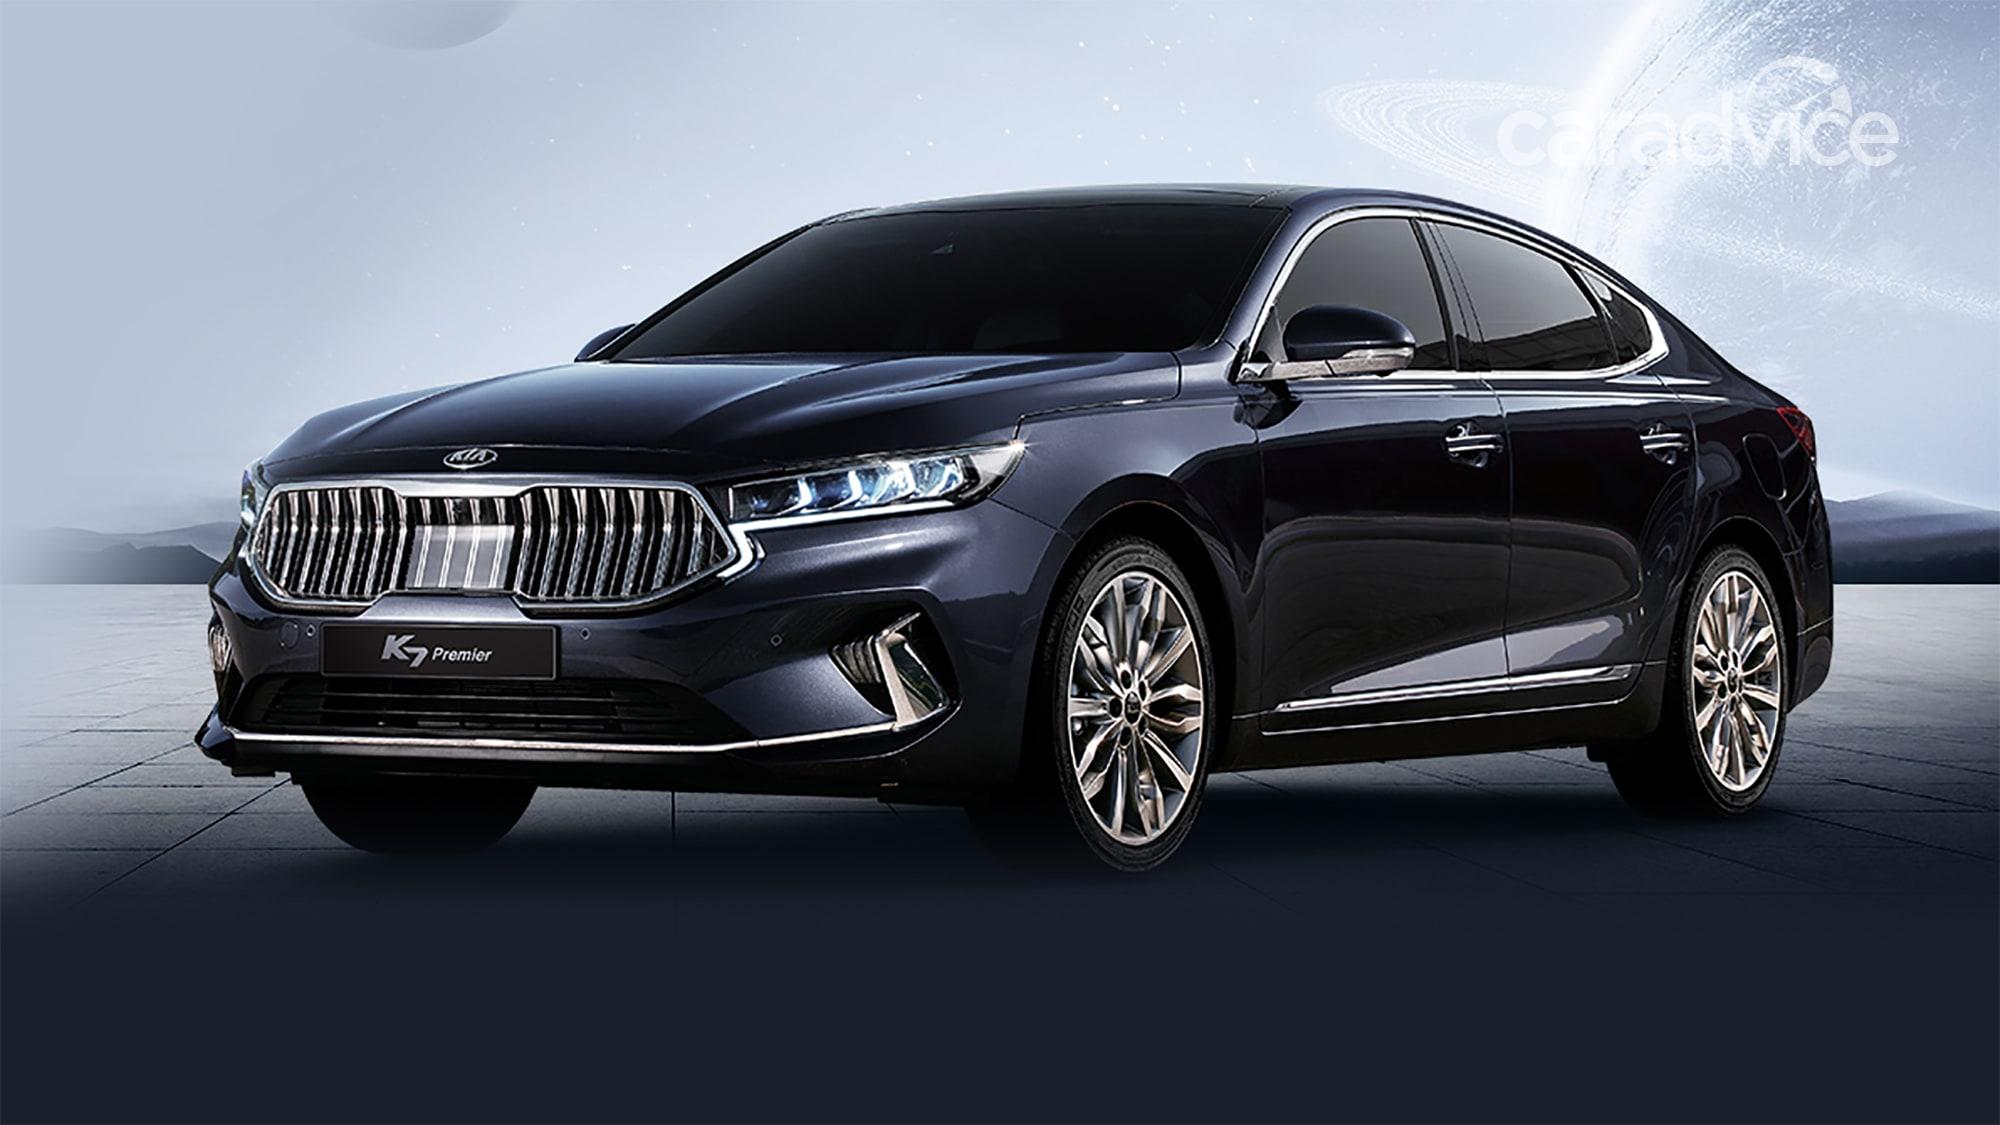 2020 Kia Cadenza/K7 revealed in Korea | CarAdvice